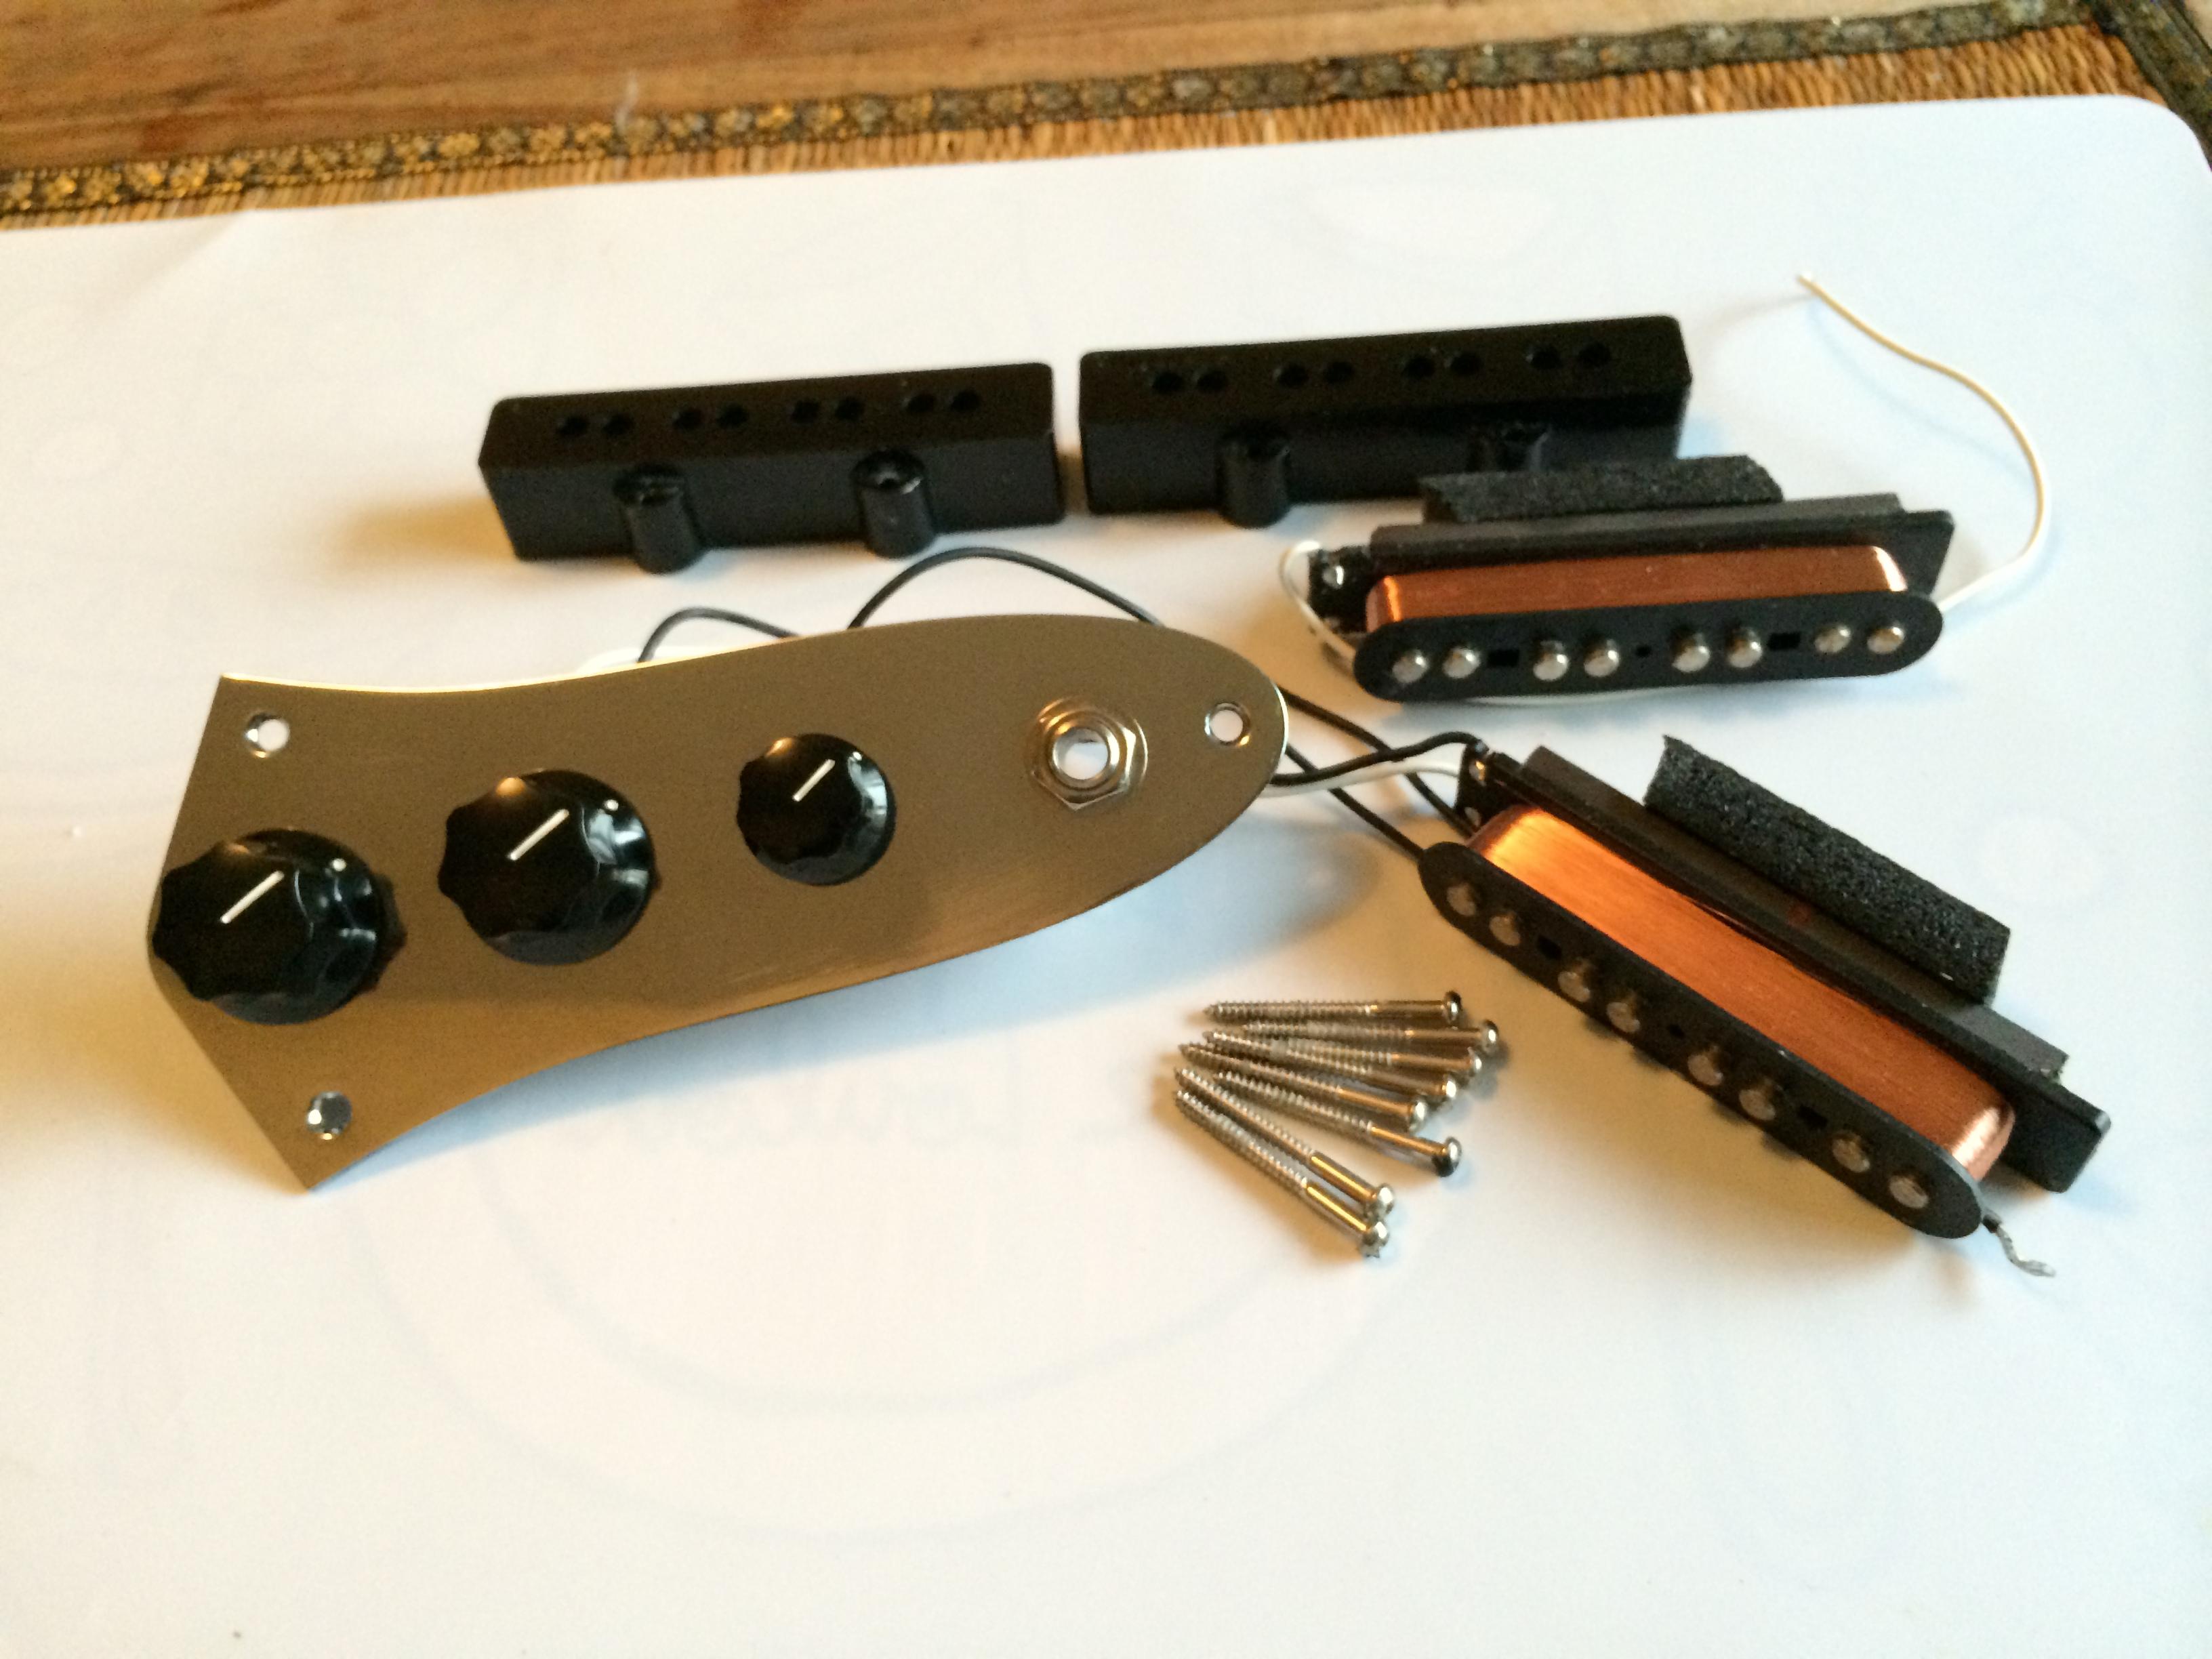 fender jazz bass pickups set image 718482 audiofanzine. Black Bedroom Furniture Sets. Home Design Ideas